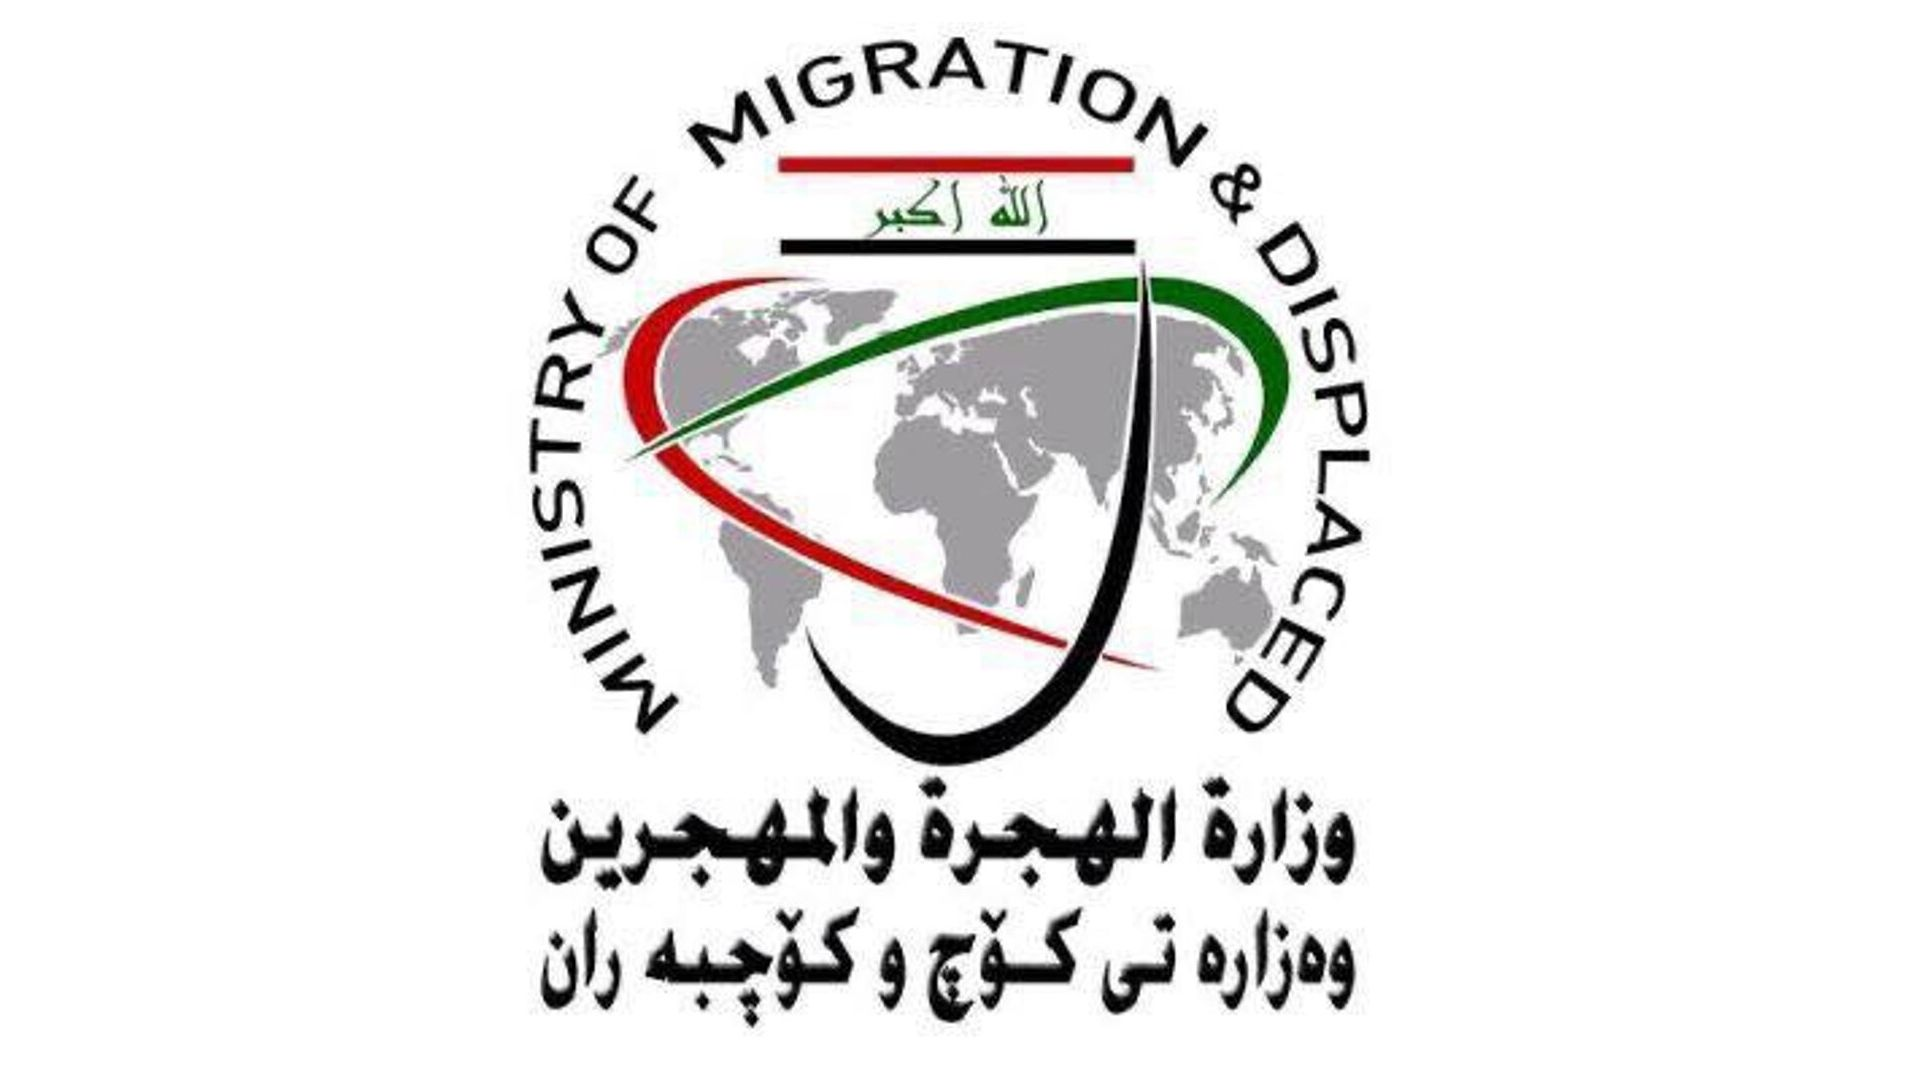 الهجرة: وفرنا احتياجات النازحين لفصل الشتاء